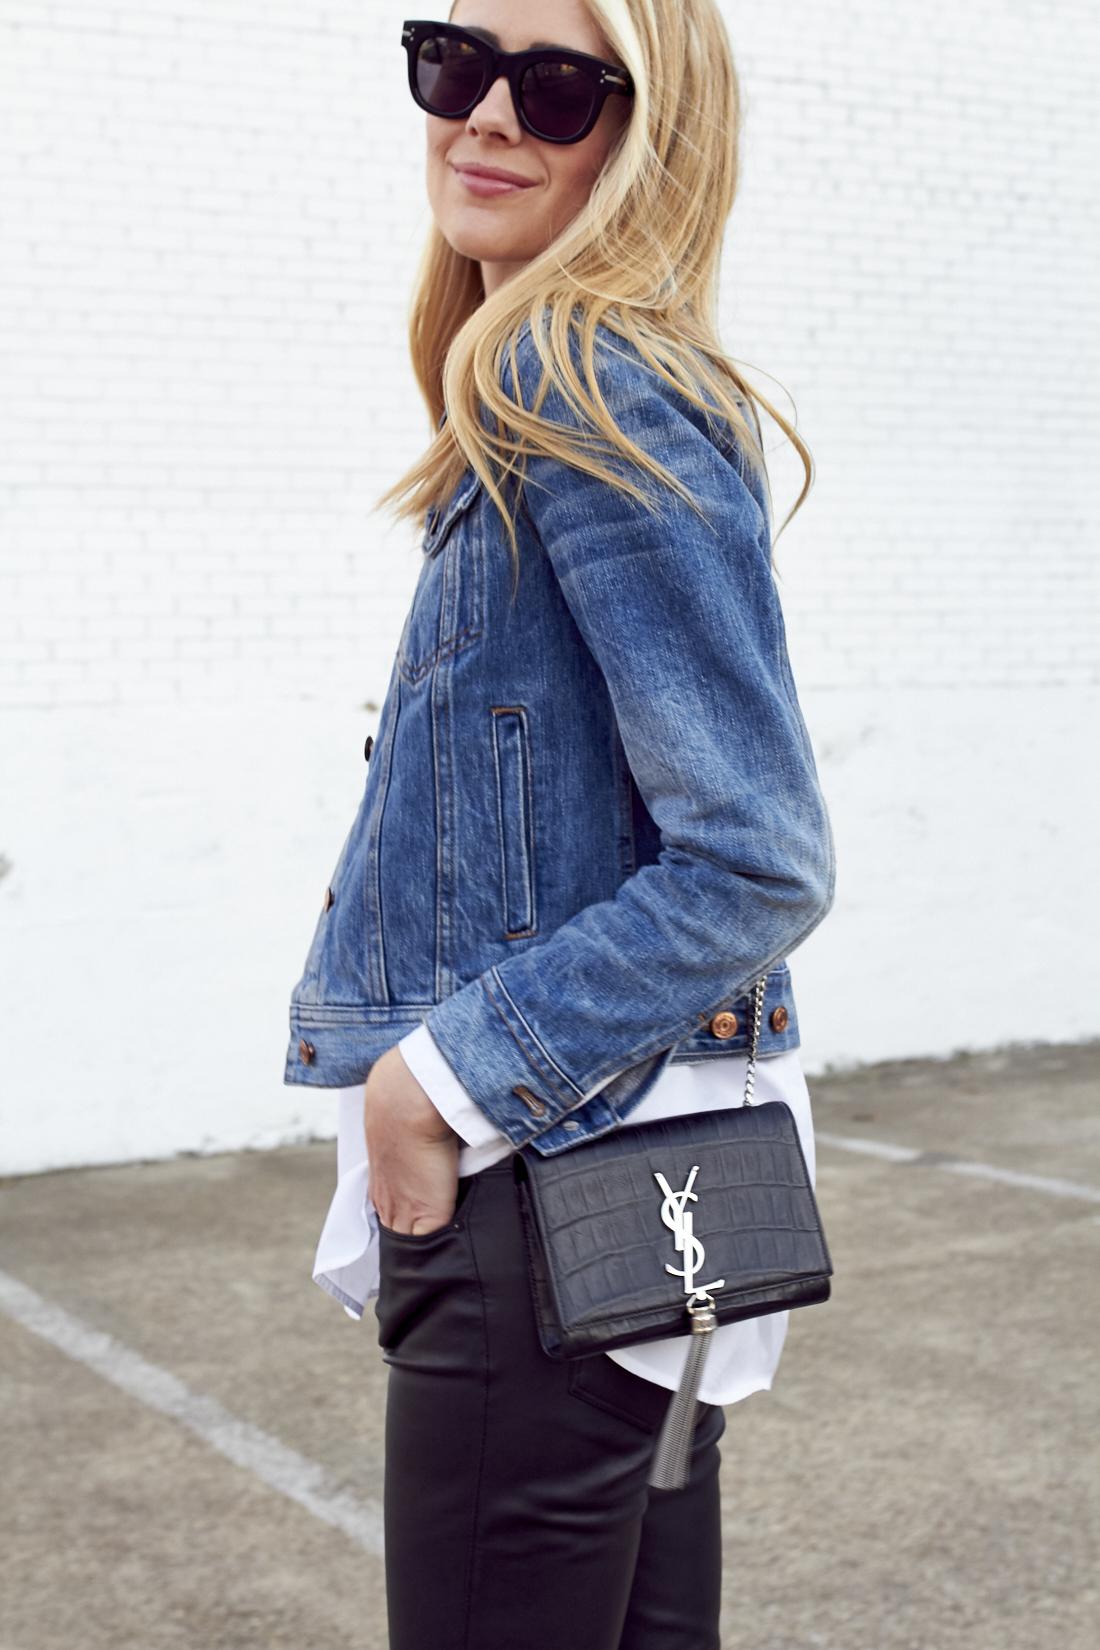 fashion-jackson-saint-laurent-monogram-handbag-denim-jacket-celine-sunglasses